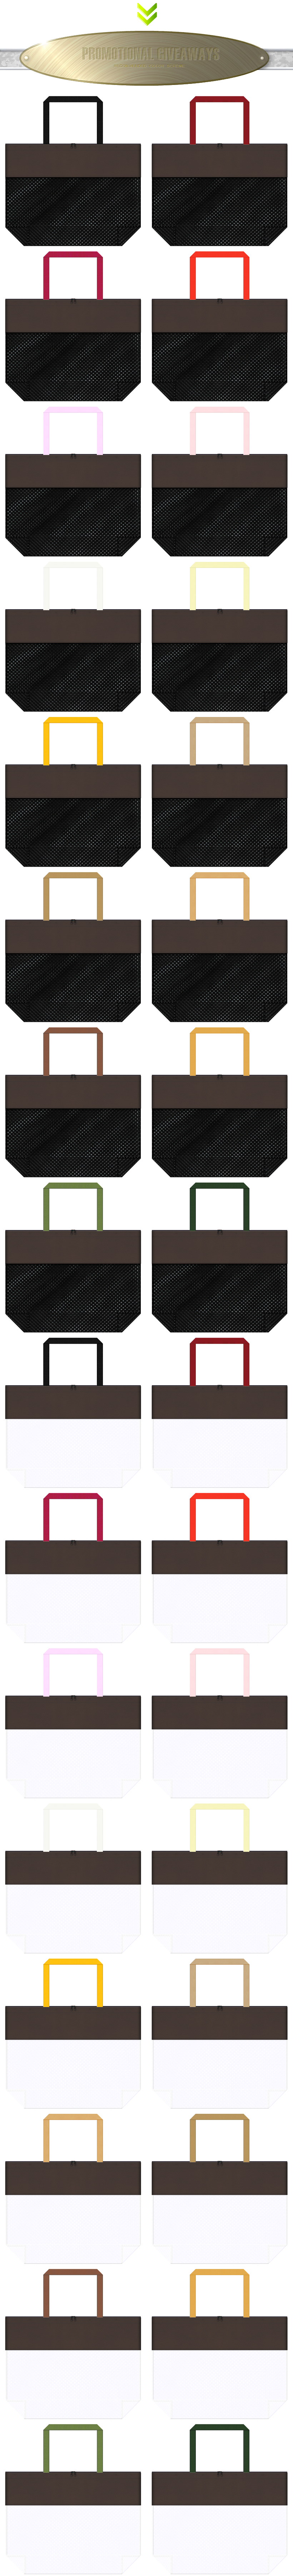 黒色メッシュ・白色メッシュとこげ茶色の不織布をメインに使用した、台形型メッシュバッグのカラーシミュレーション